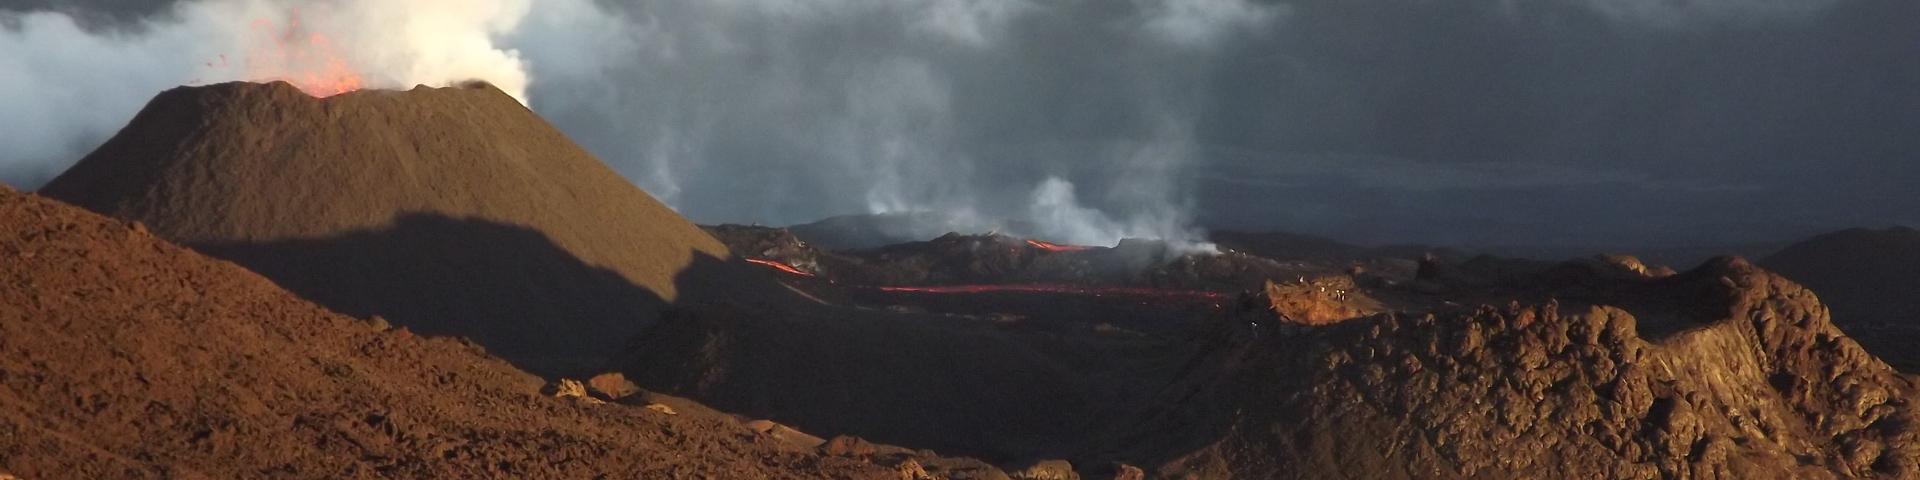 Eruption volcanique, La Réunion